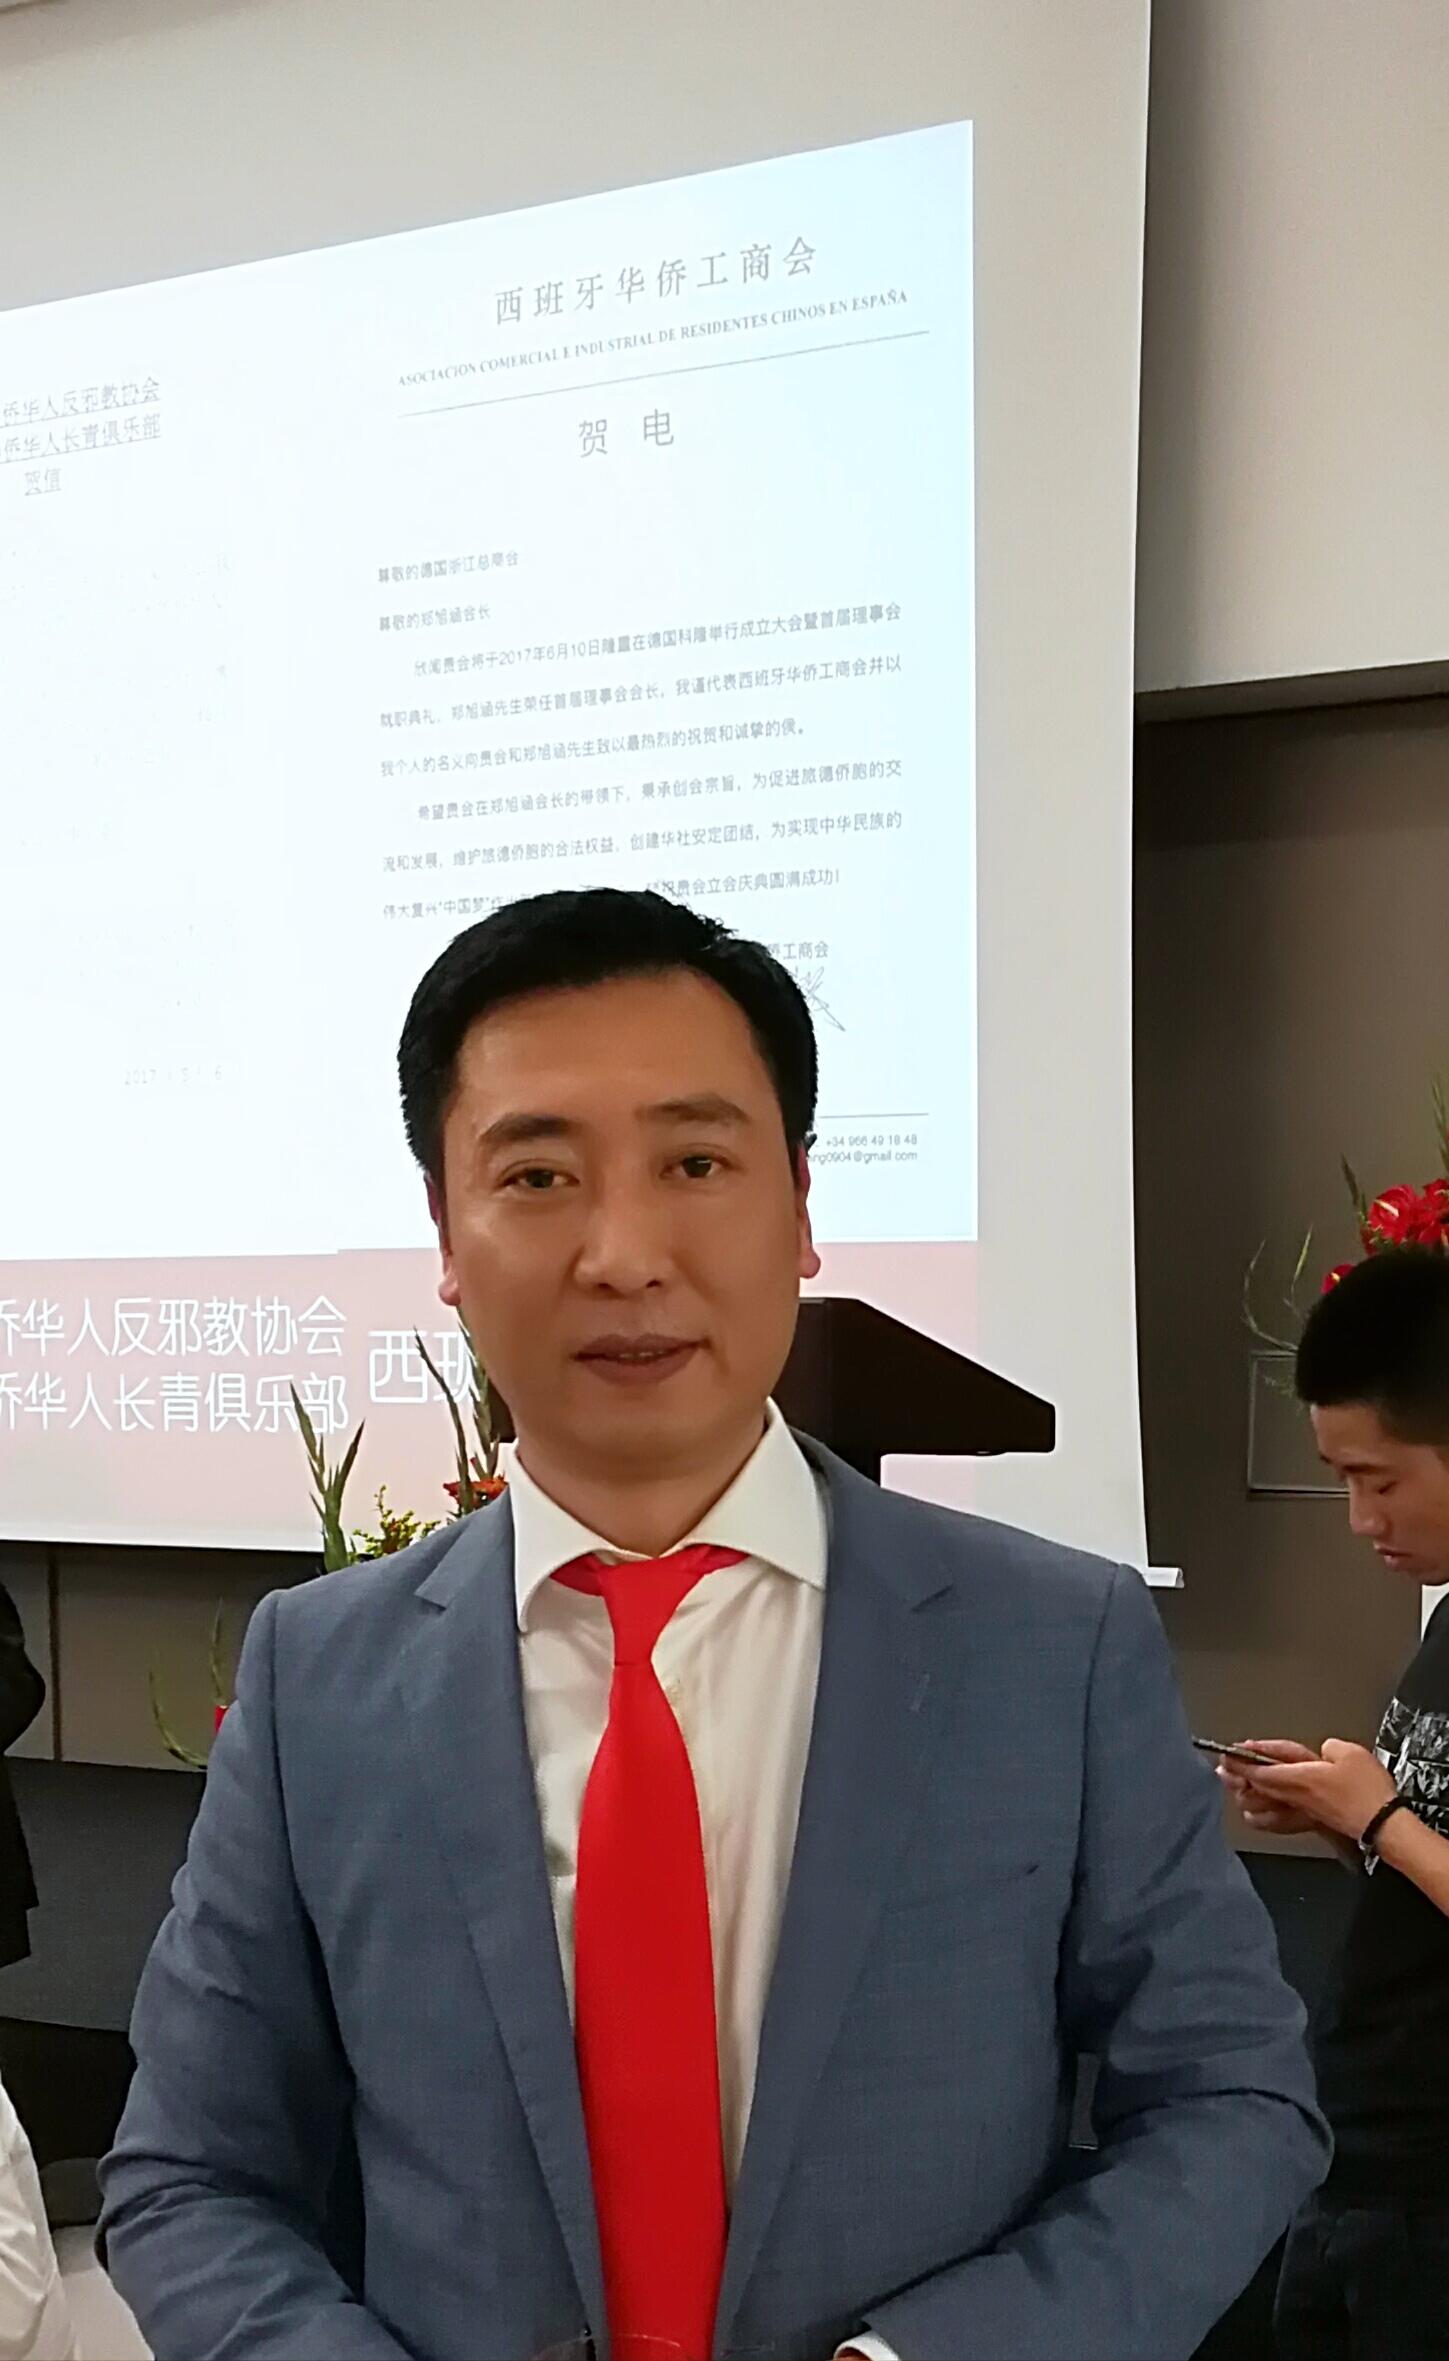 德国浙商总会今天成立 郑旭涵任首任会长